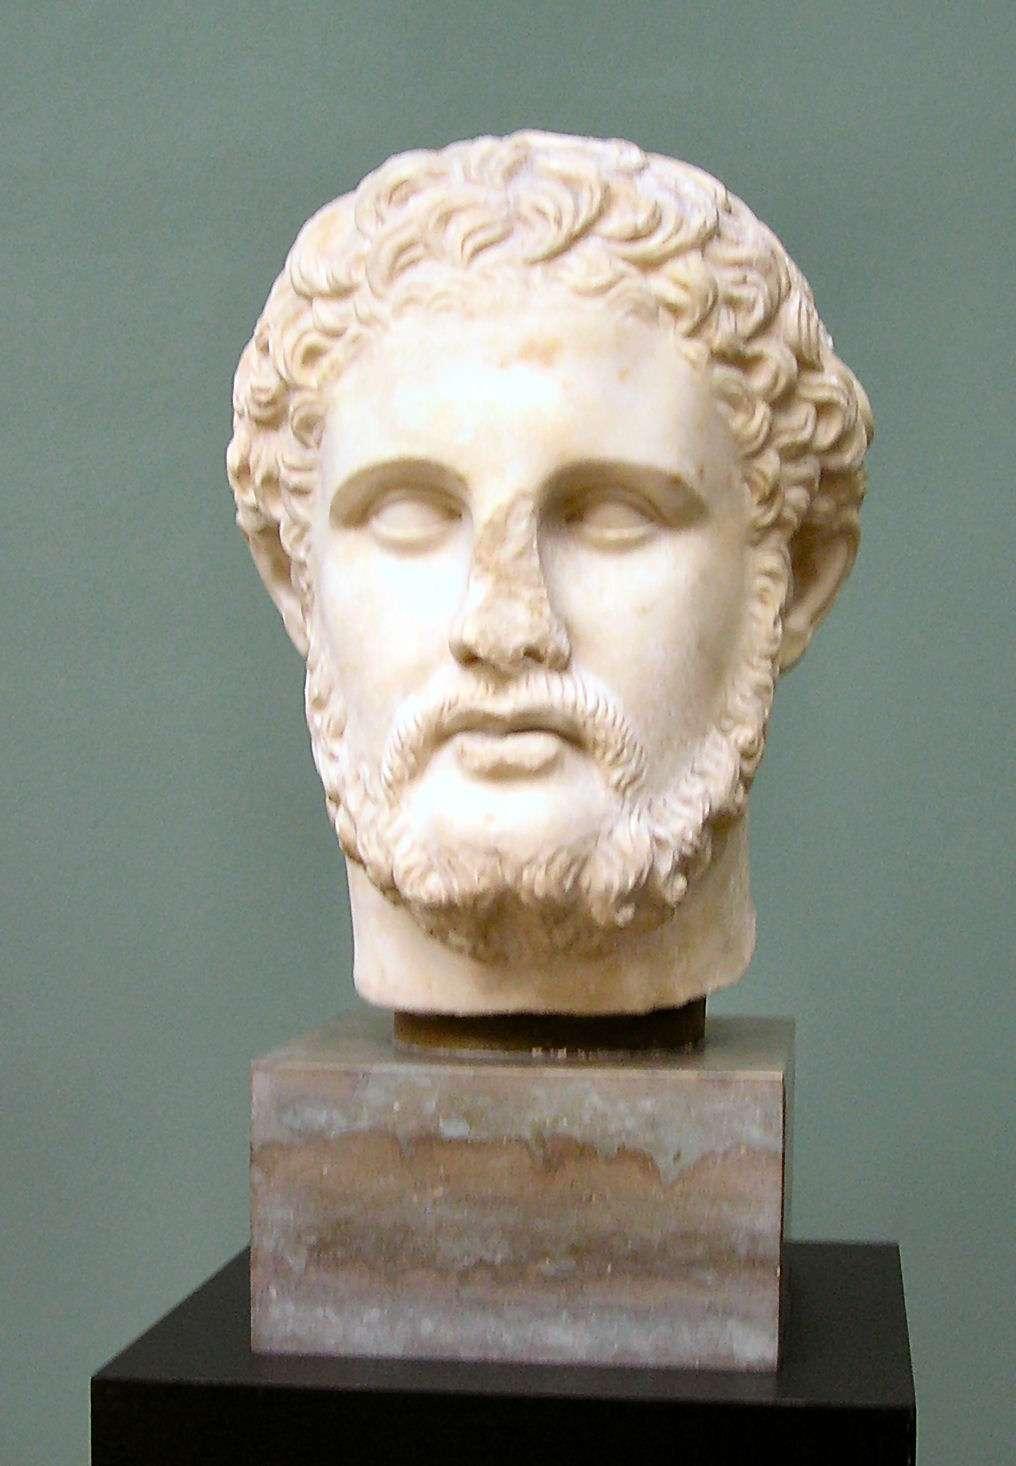 Ο Φίλιππος της Μακεδονίας ή Φίλιππος Β΄ o Μακεδών (382 π.Χ. - 336 π.Χ.) ήταν βασιλιάς του αρχαίου ελληνικού βασιλείου της Μακεδονίας από το 359 π.Χ. μέχρι τη δολοφονία του το 336 π.Χ.